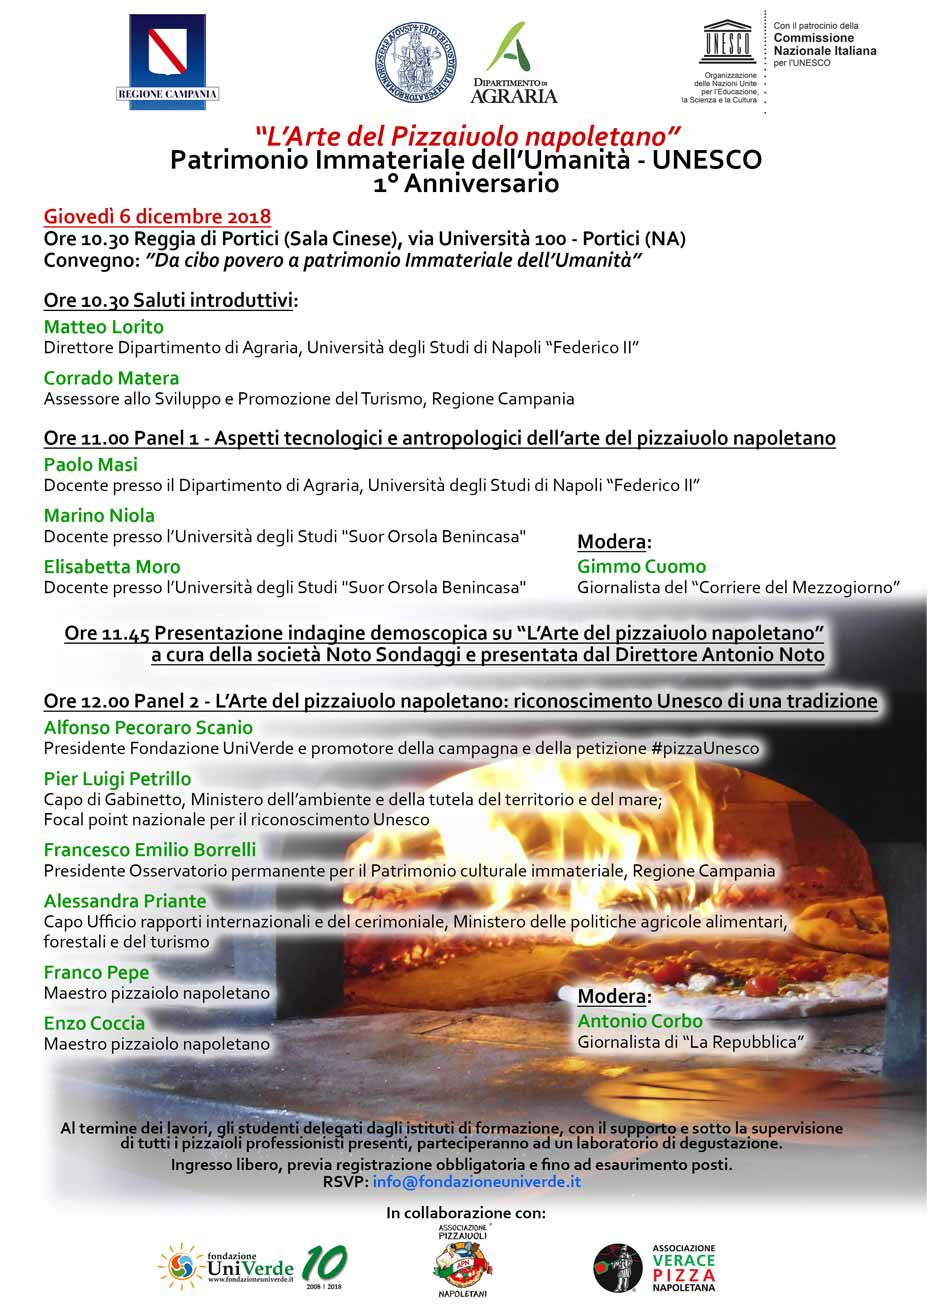 Programma-Napoli,-Reggia-PORTICI,-6-dicembre-2018-web